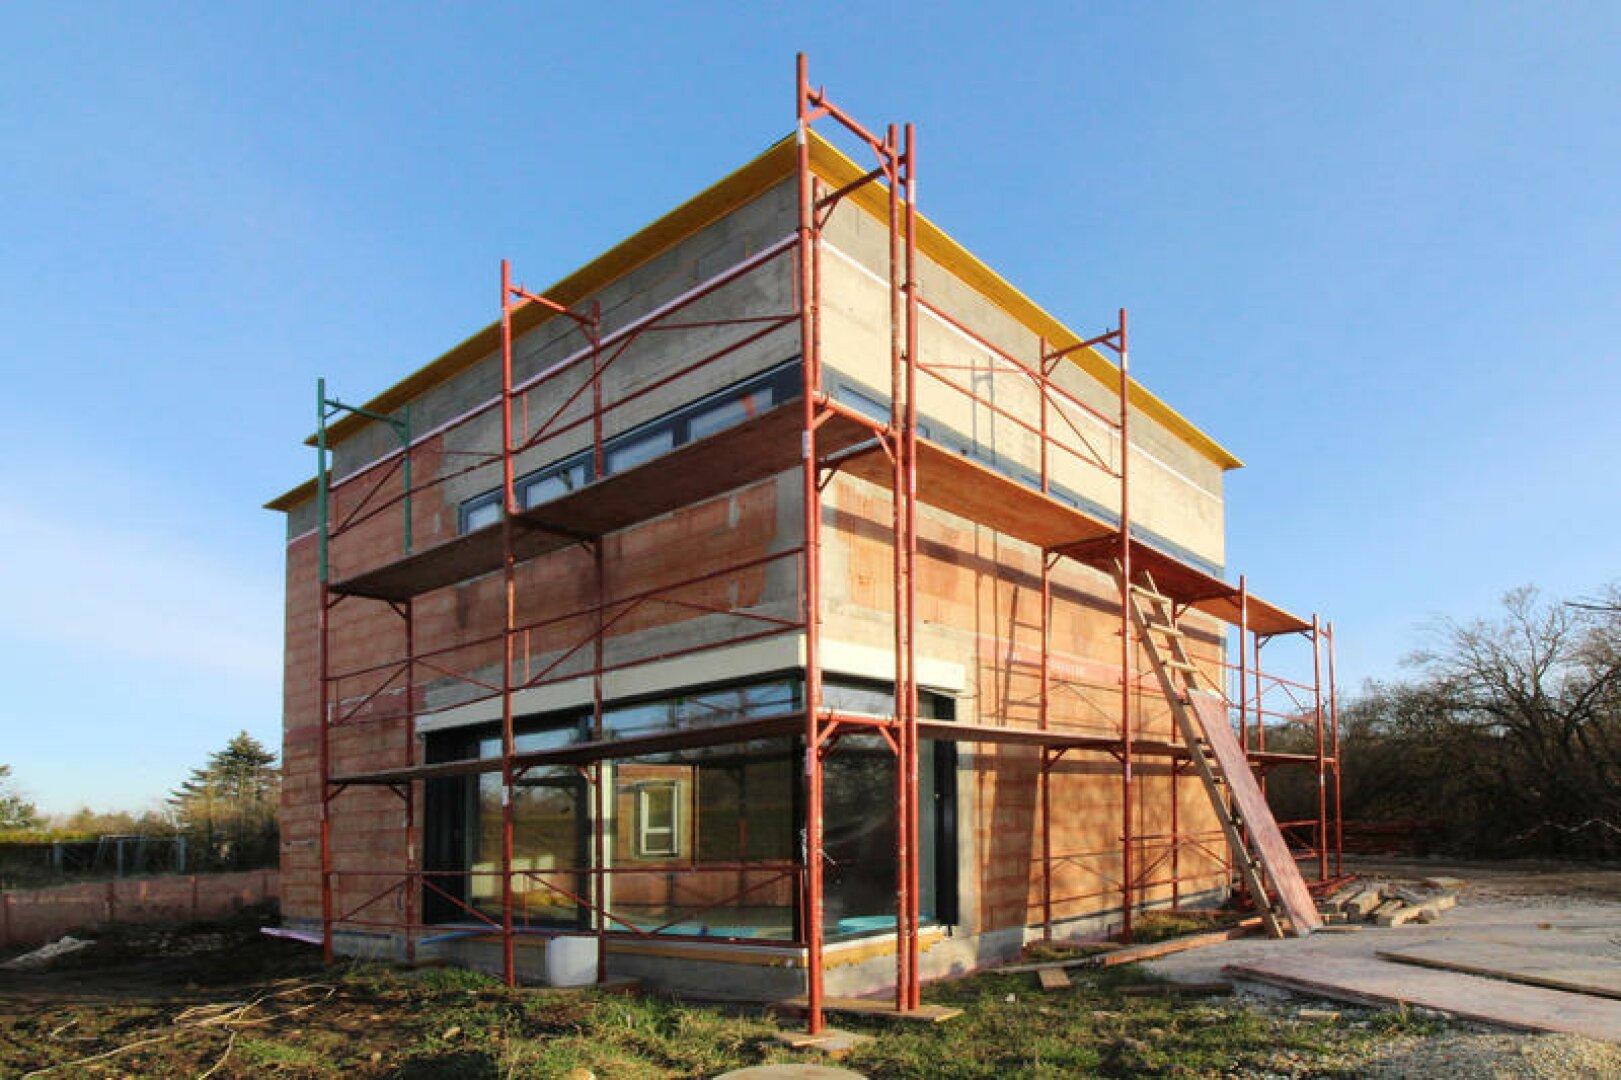 Haus in Fertigstellung